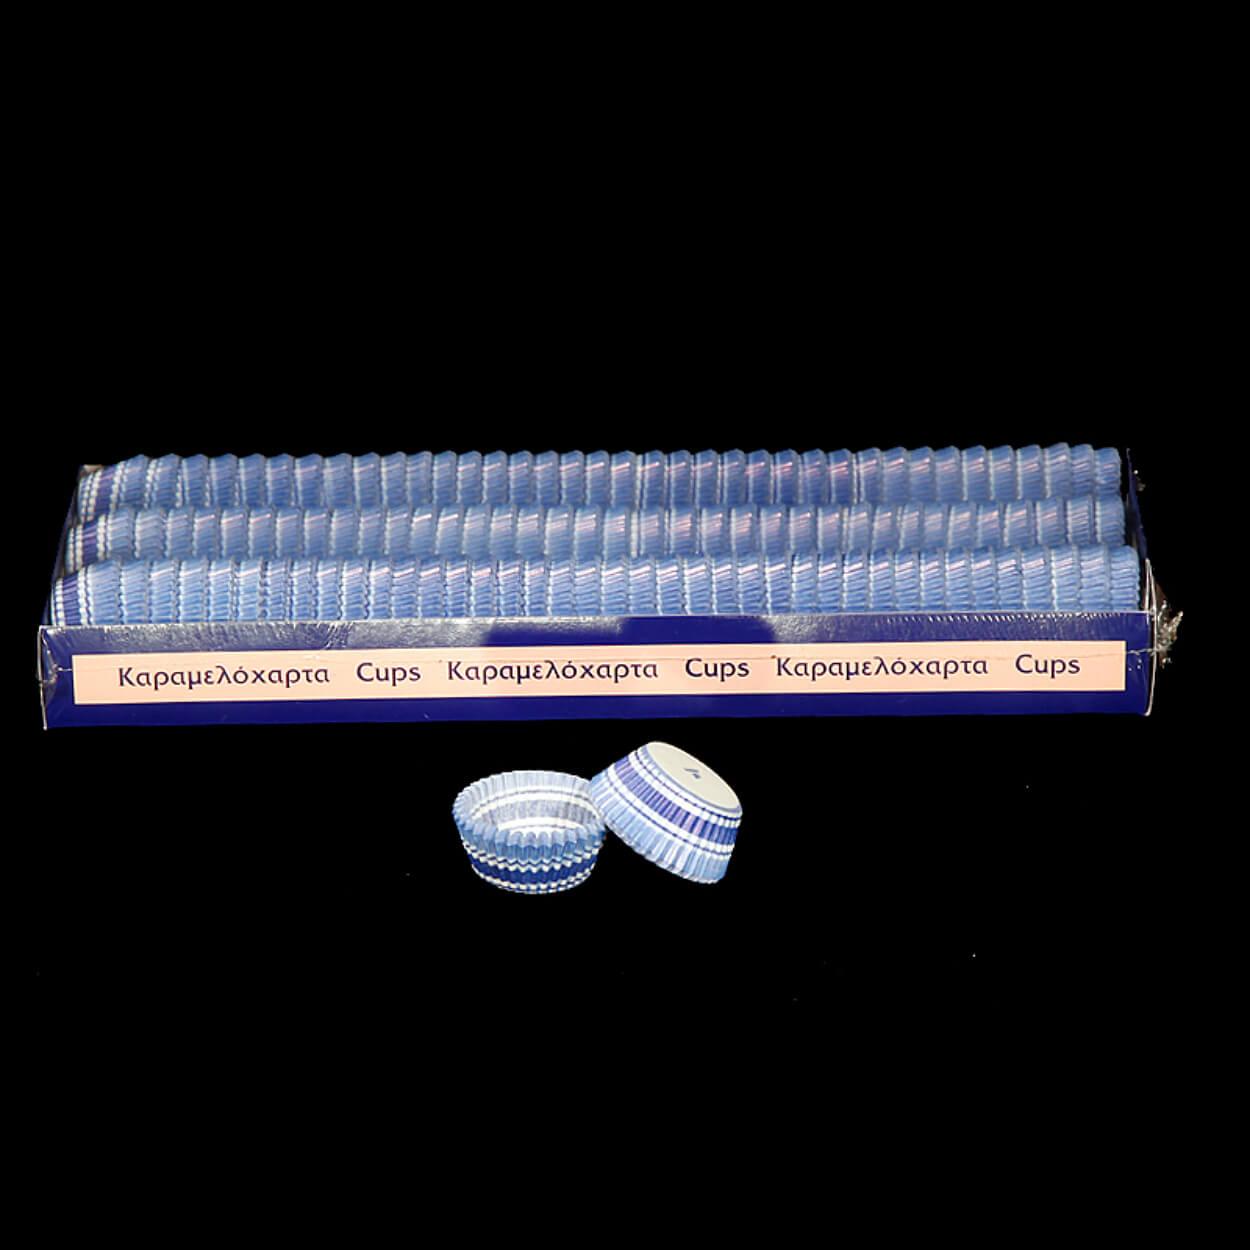 ΣΤΡΟΓΓΥΛΟ ΚΑΡΑΜΕΛΟΧΑΡΤΟ Φ30xΦ65×17,5mm ΛΕΥΚΟ-ΜΠΛΕ